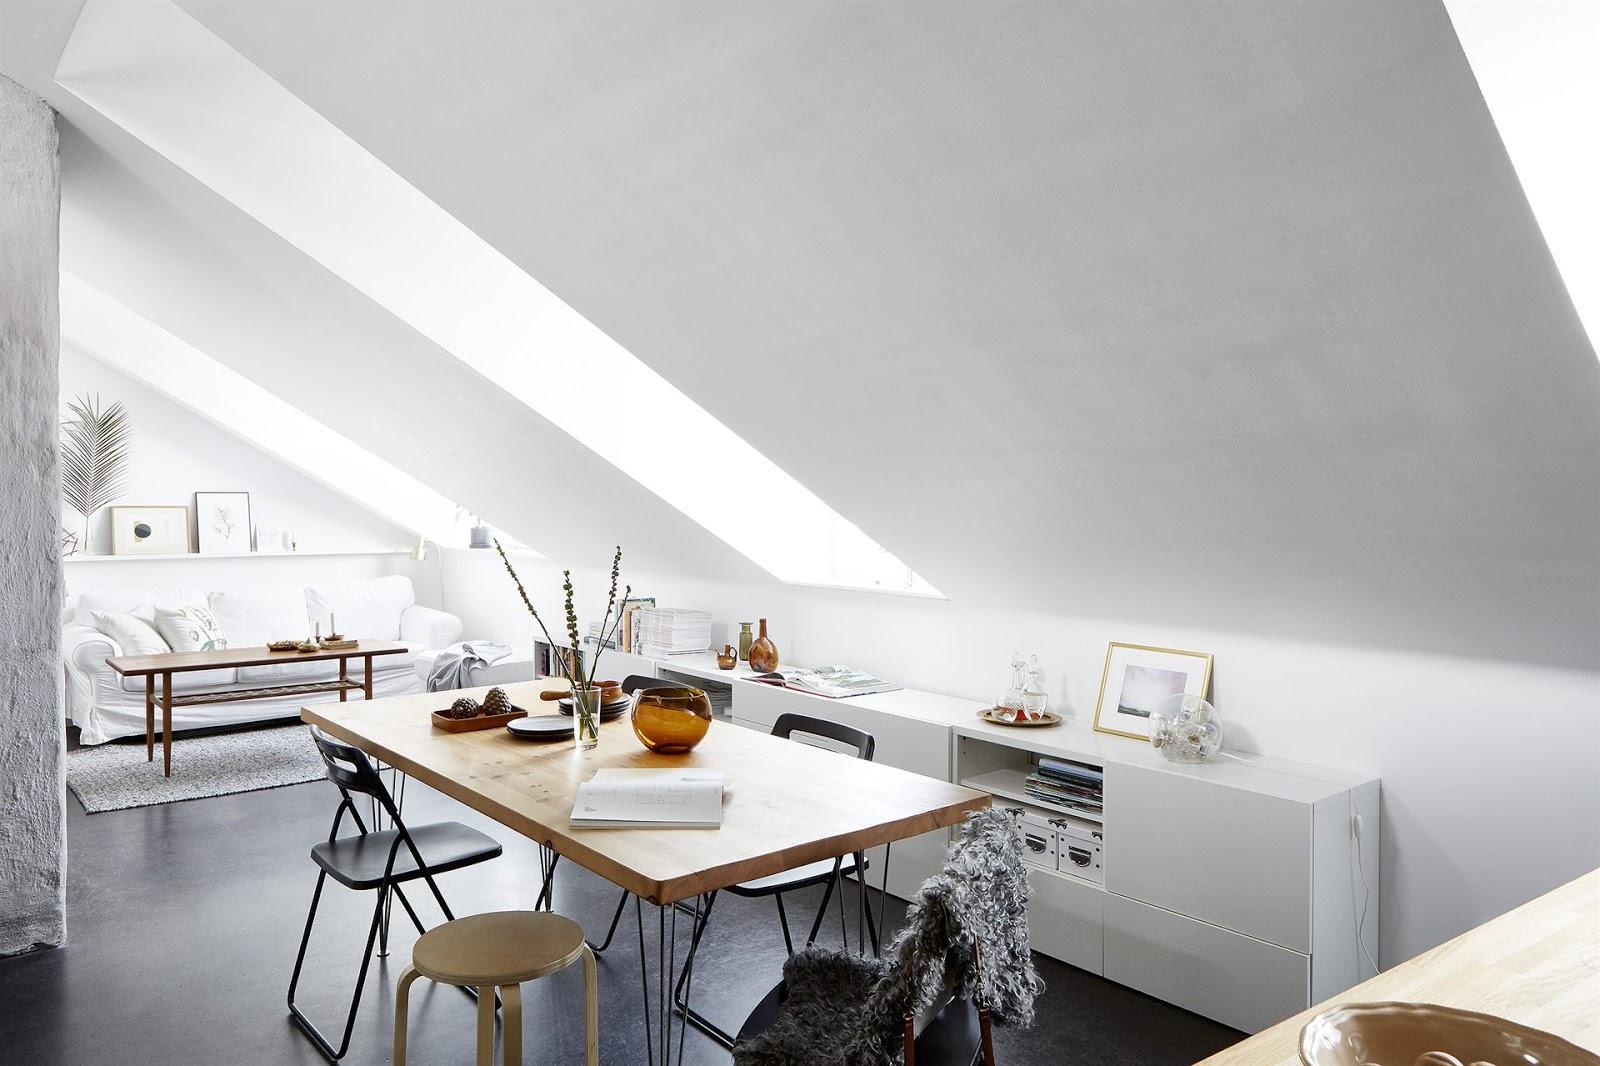 Small stylish attic studio in stockholm daily dream decor for Attic design studio